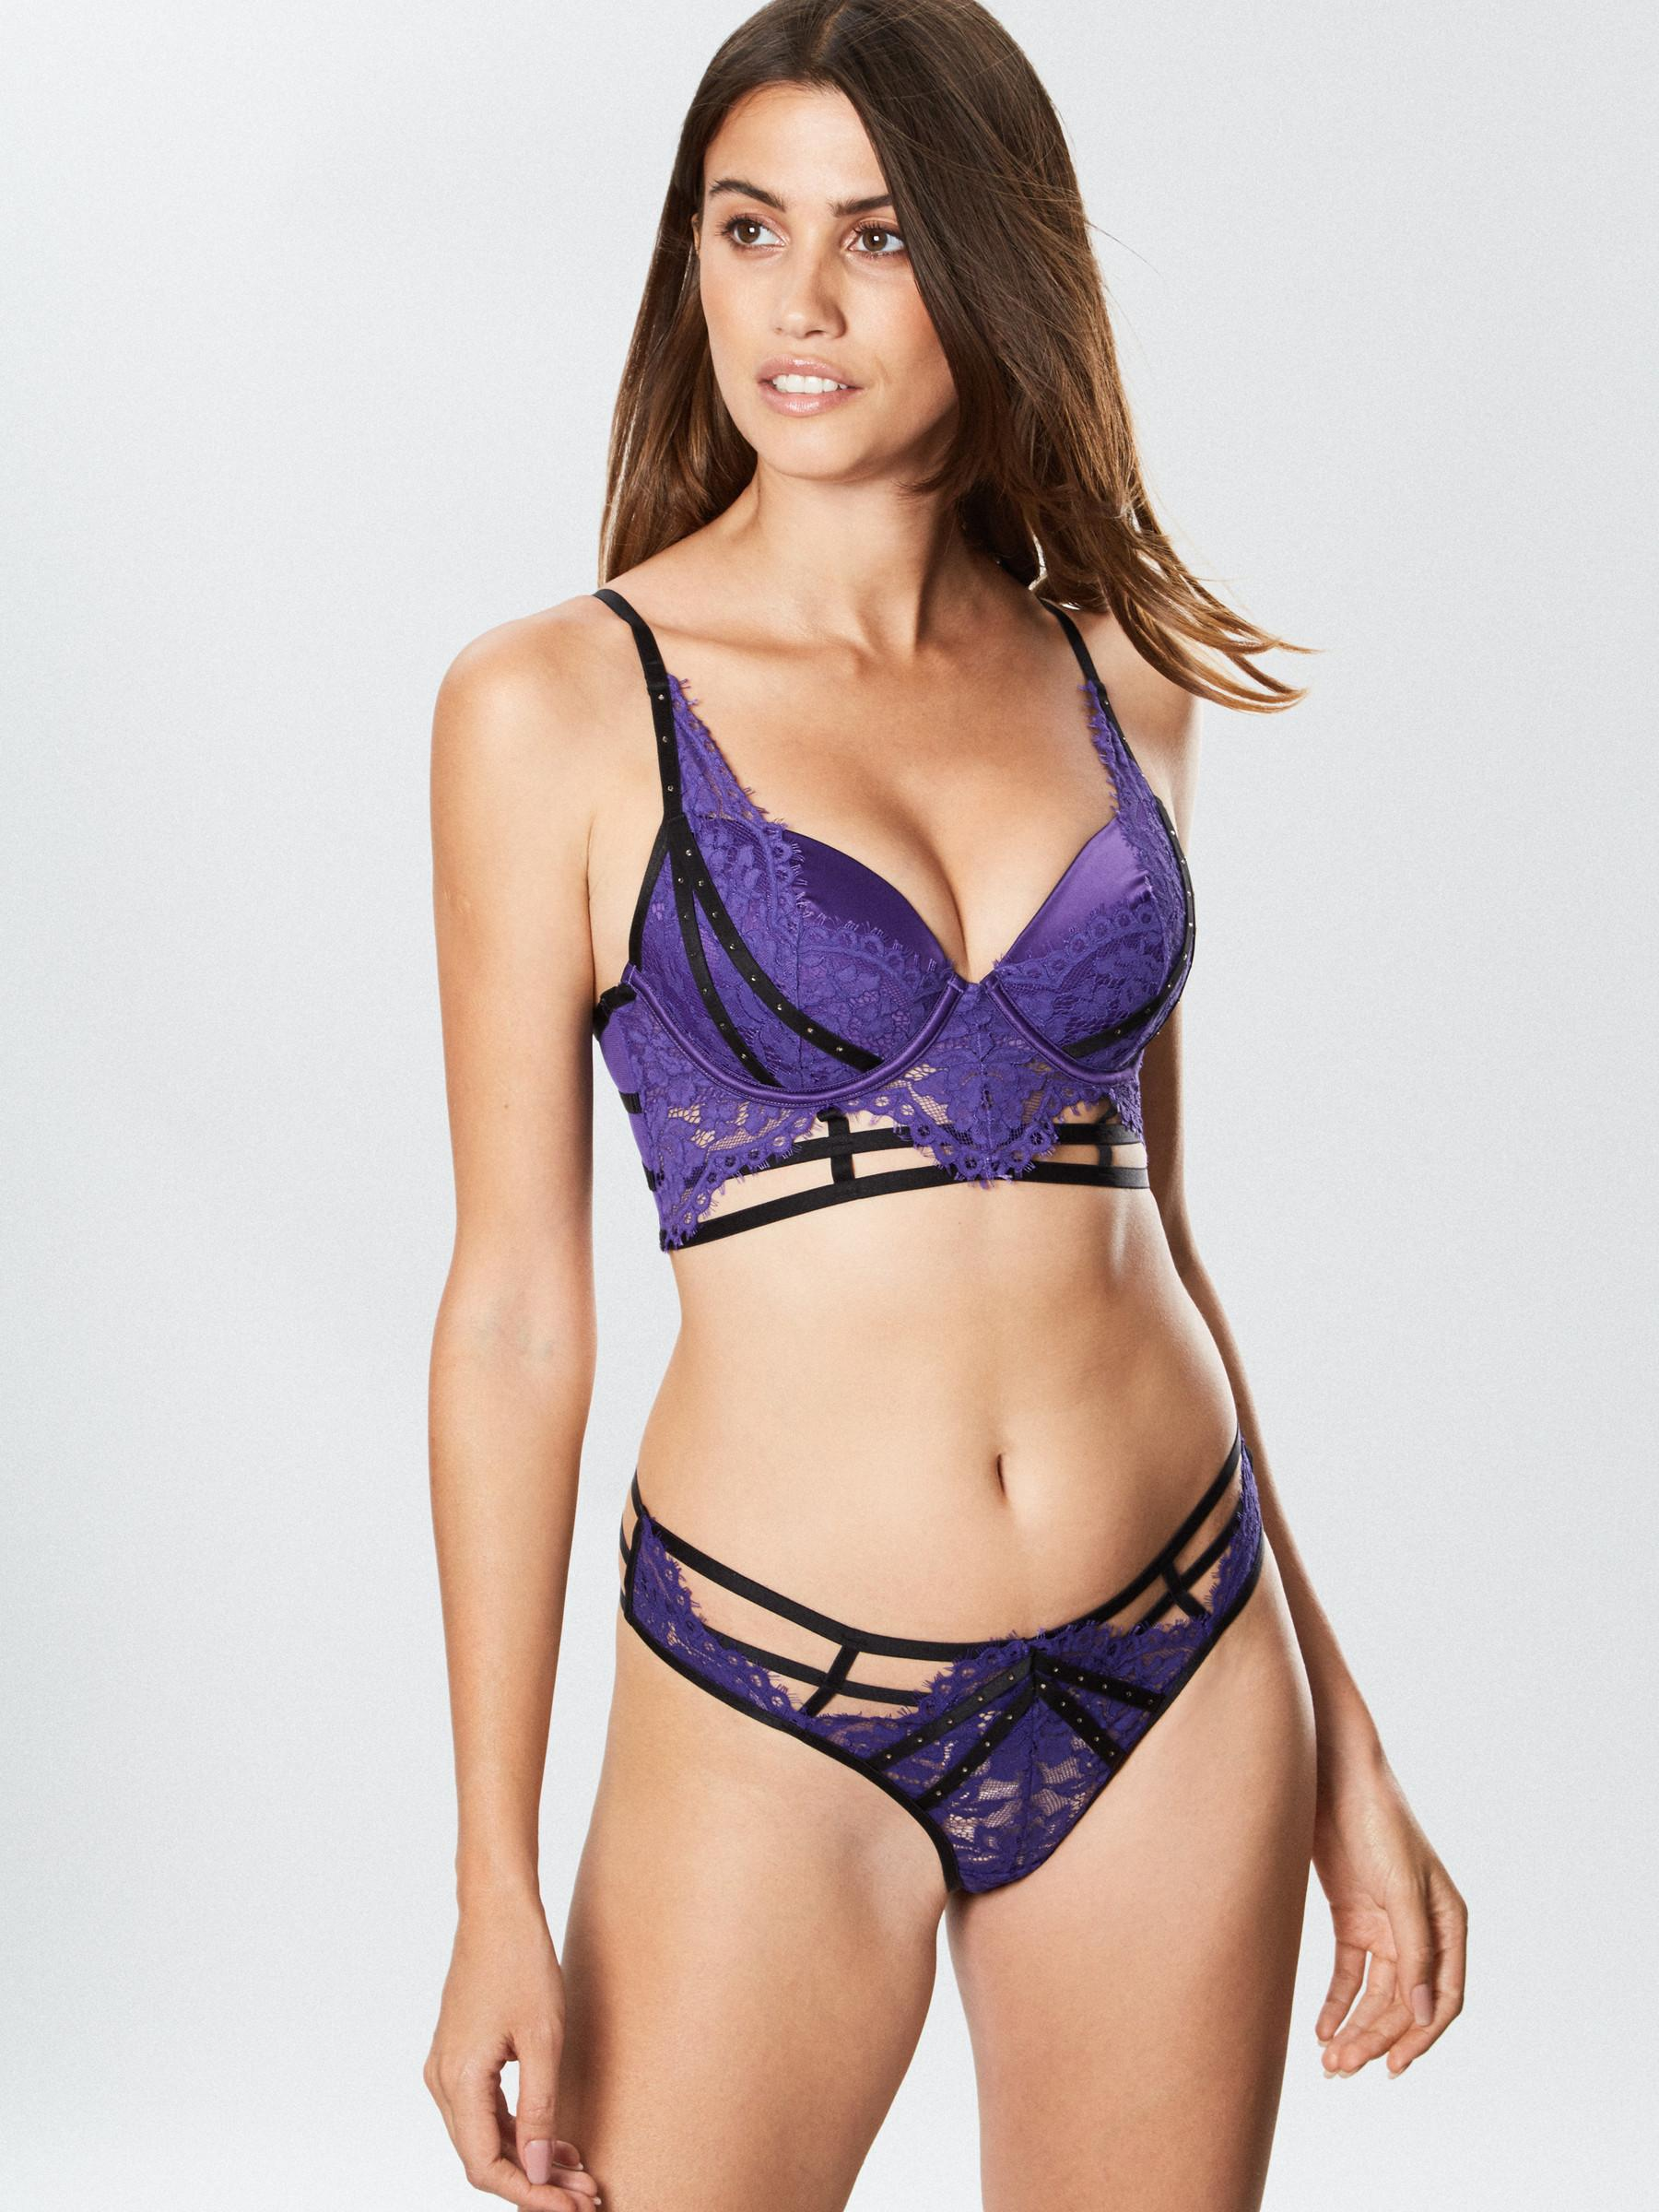 3e0382434b0fe Details about Ann Summers Womens Esmerelda Longline Plunge Bra Wired Sexy  Lingerie Underwear